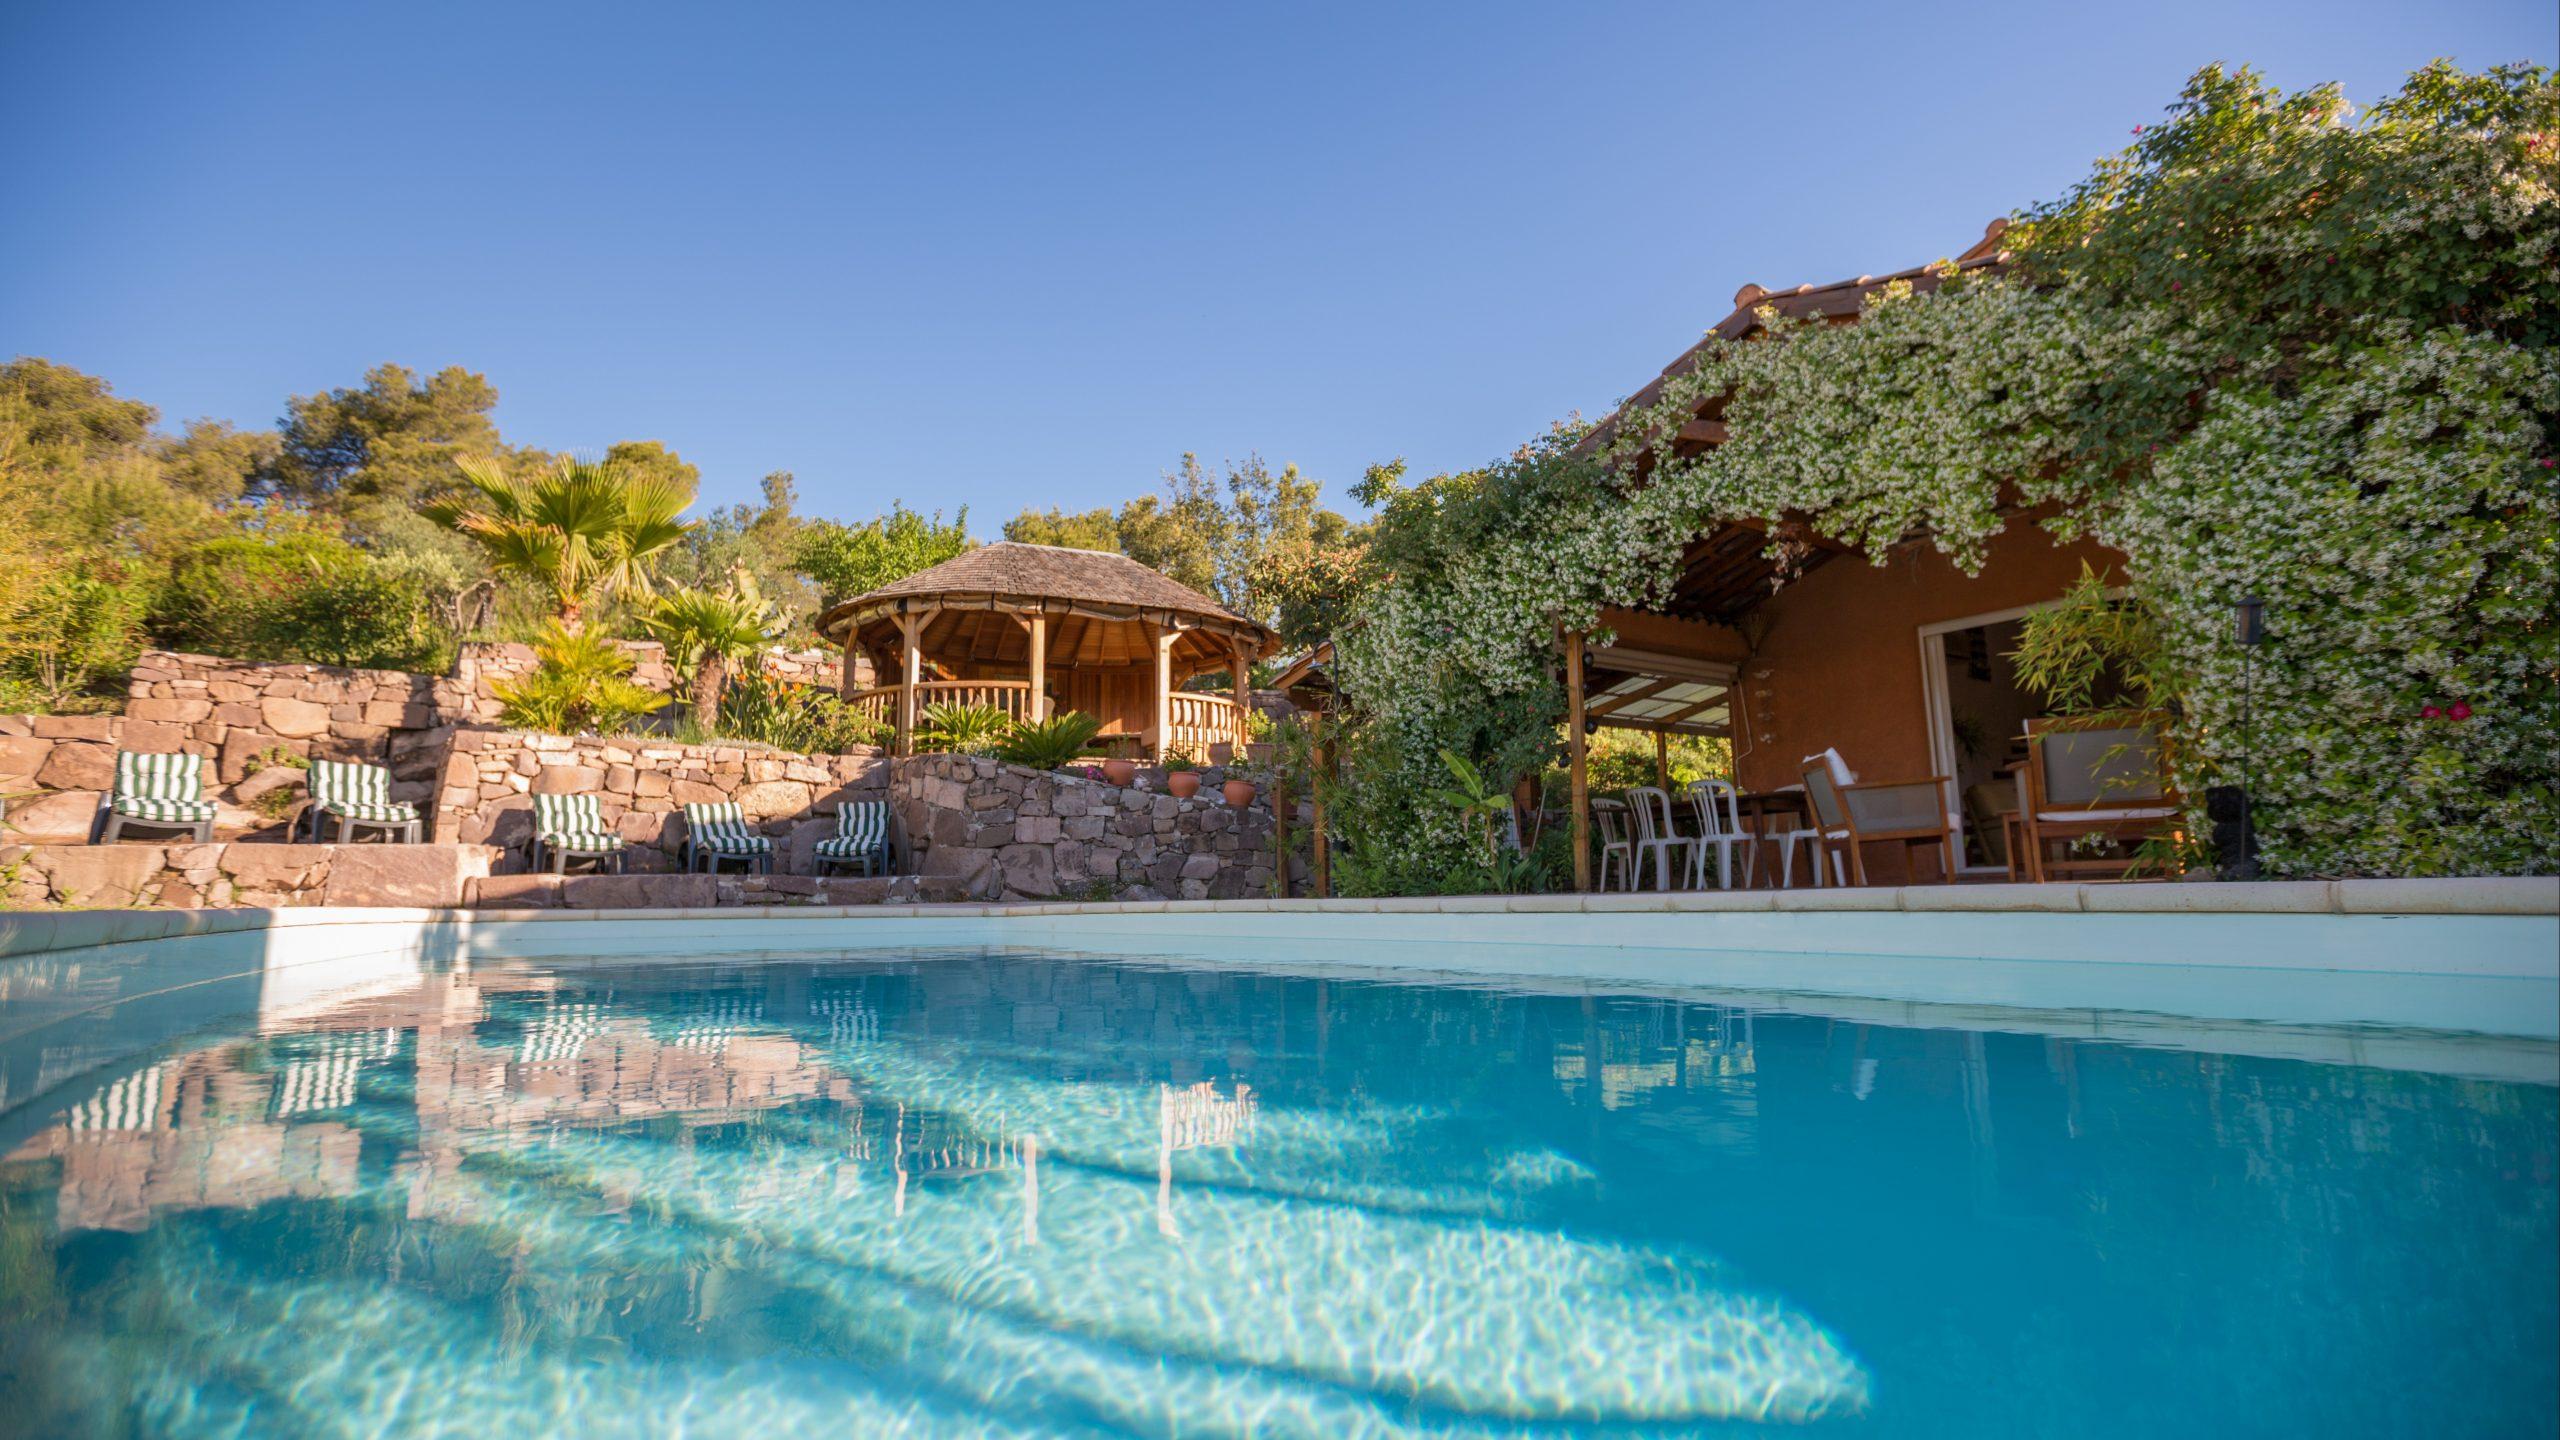 Location Maison Avec Piscine Pas Chère | Abritel intérieur Location Villa Espagne Avec Piscine Privée